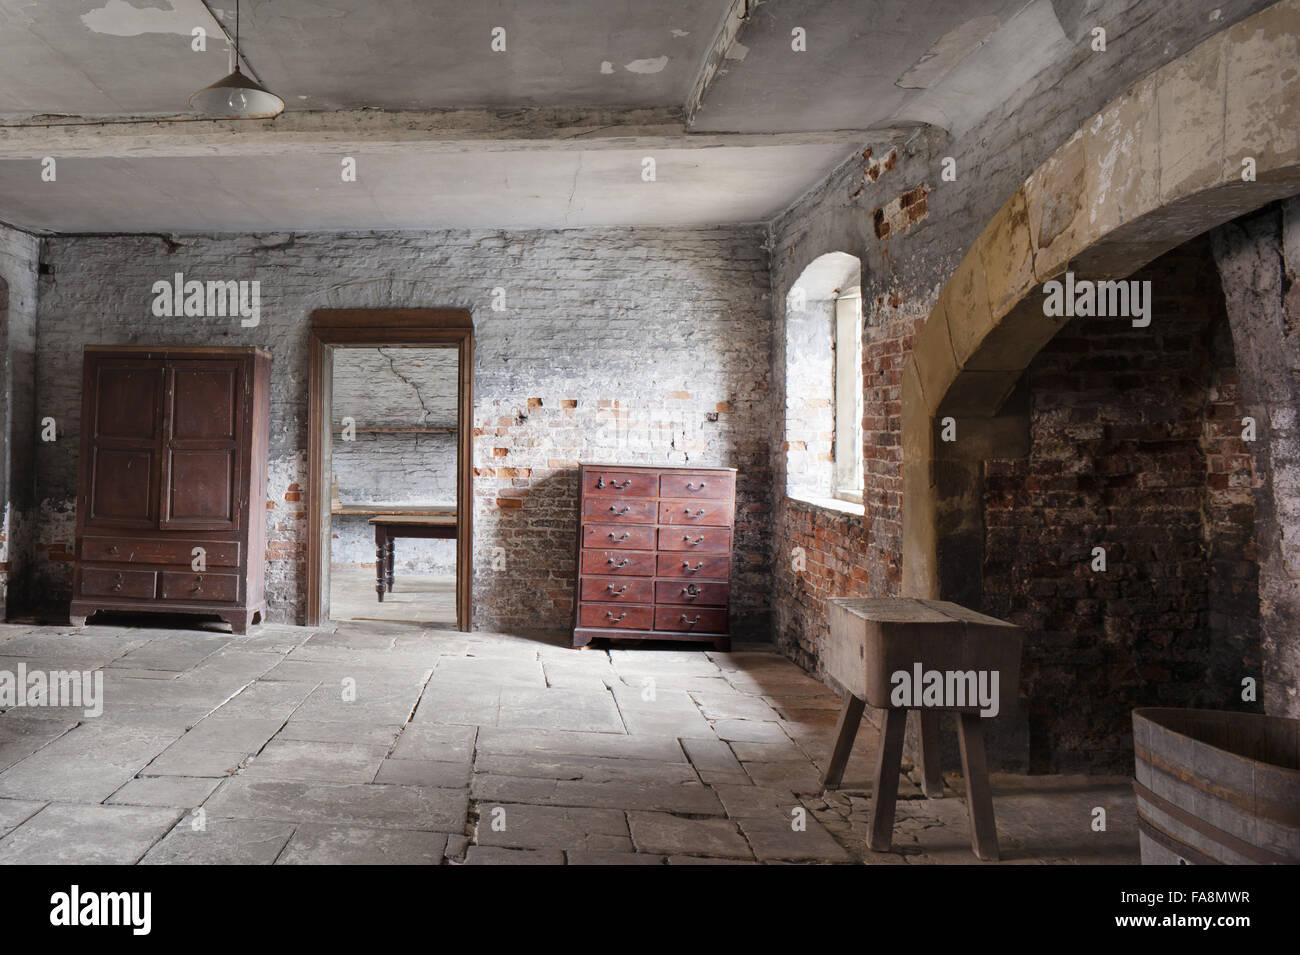 Elegant Die Molkerei In Dunham Massey, Cheshire. Die Funktion Dieses Raumes Hätte  Mehr Von Einer